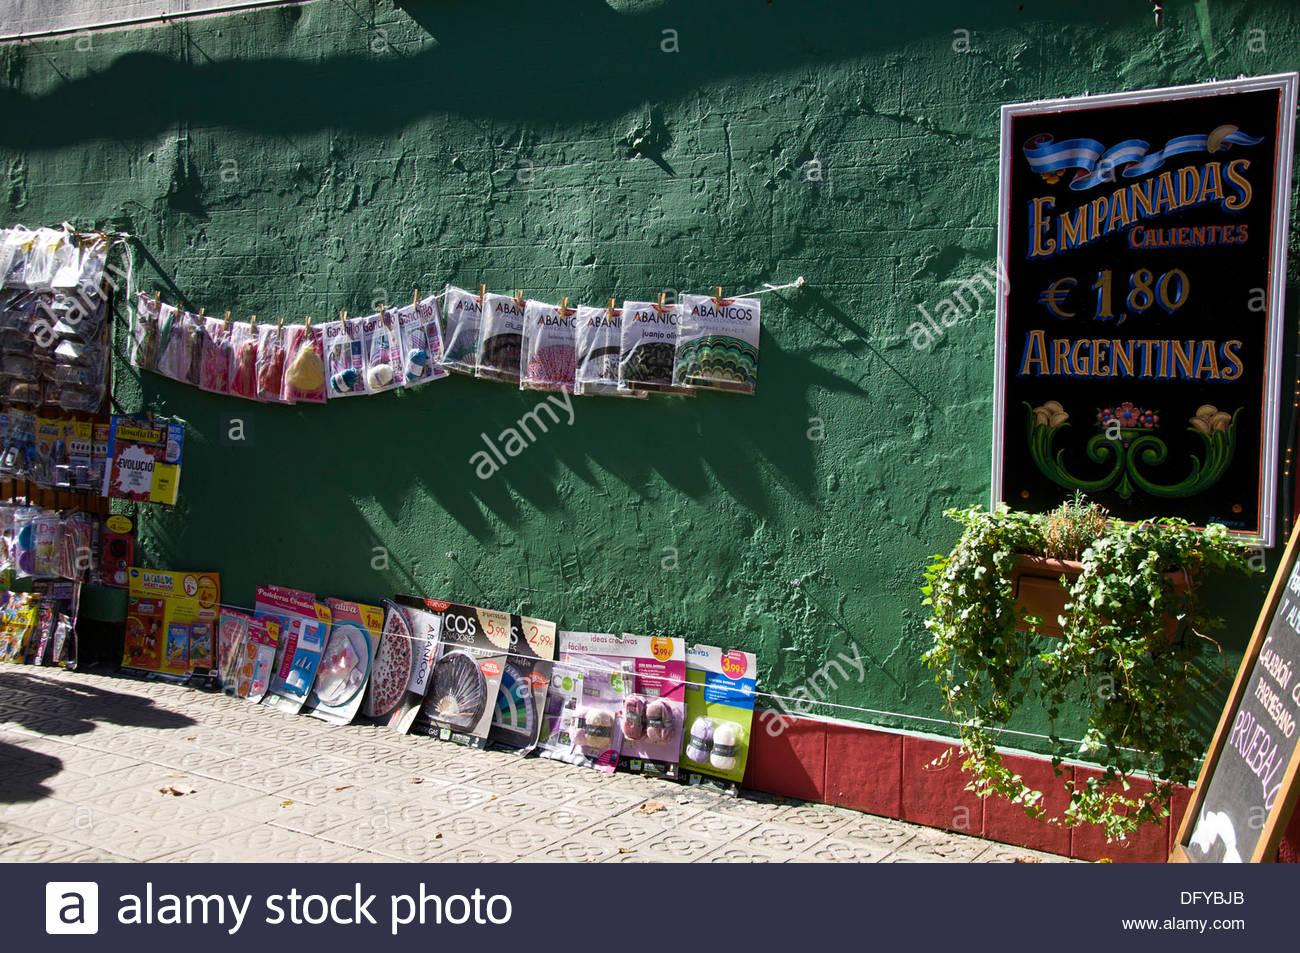 Diarios y revistas colgados de la pared, Kiosco, Barcelona, Gracia District, Spain - Stock Image